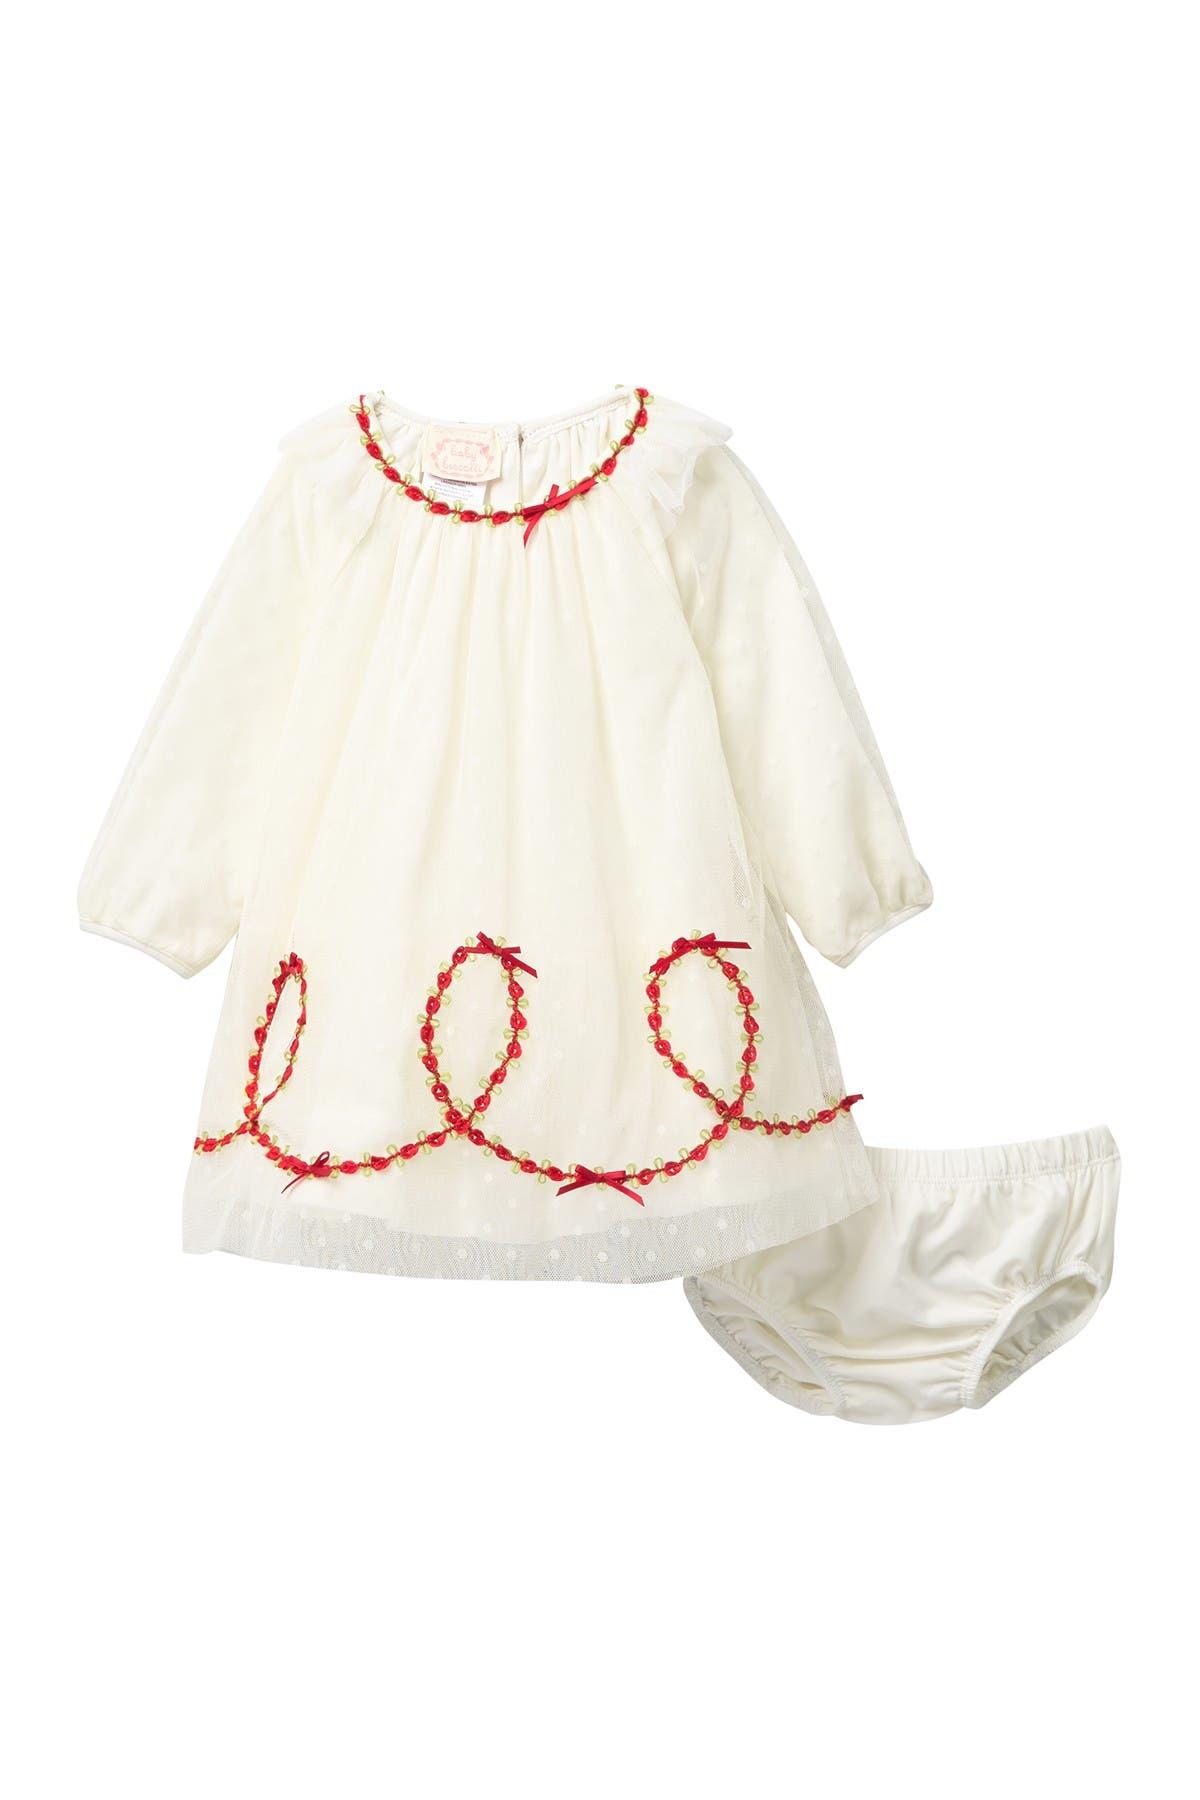 BISCOTTI Puffy Sleeve Dress Set